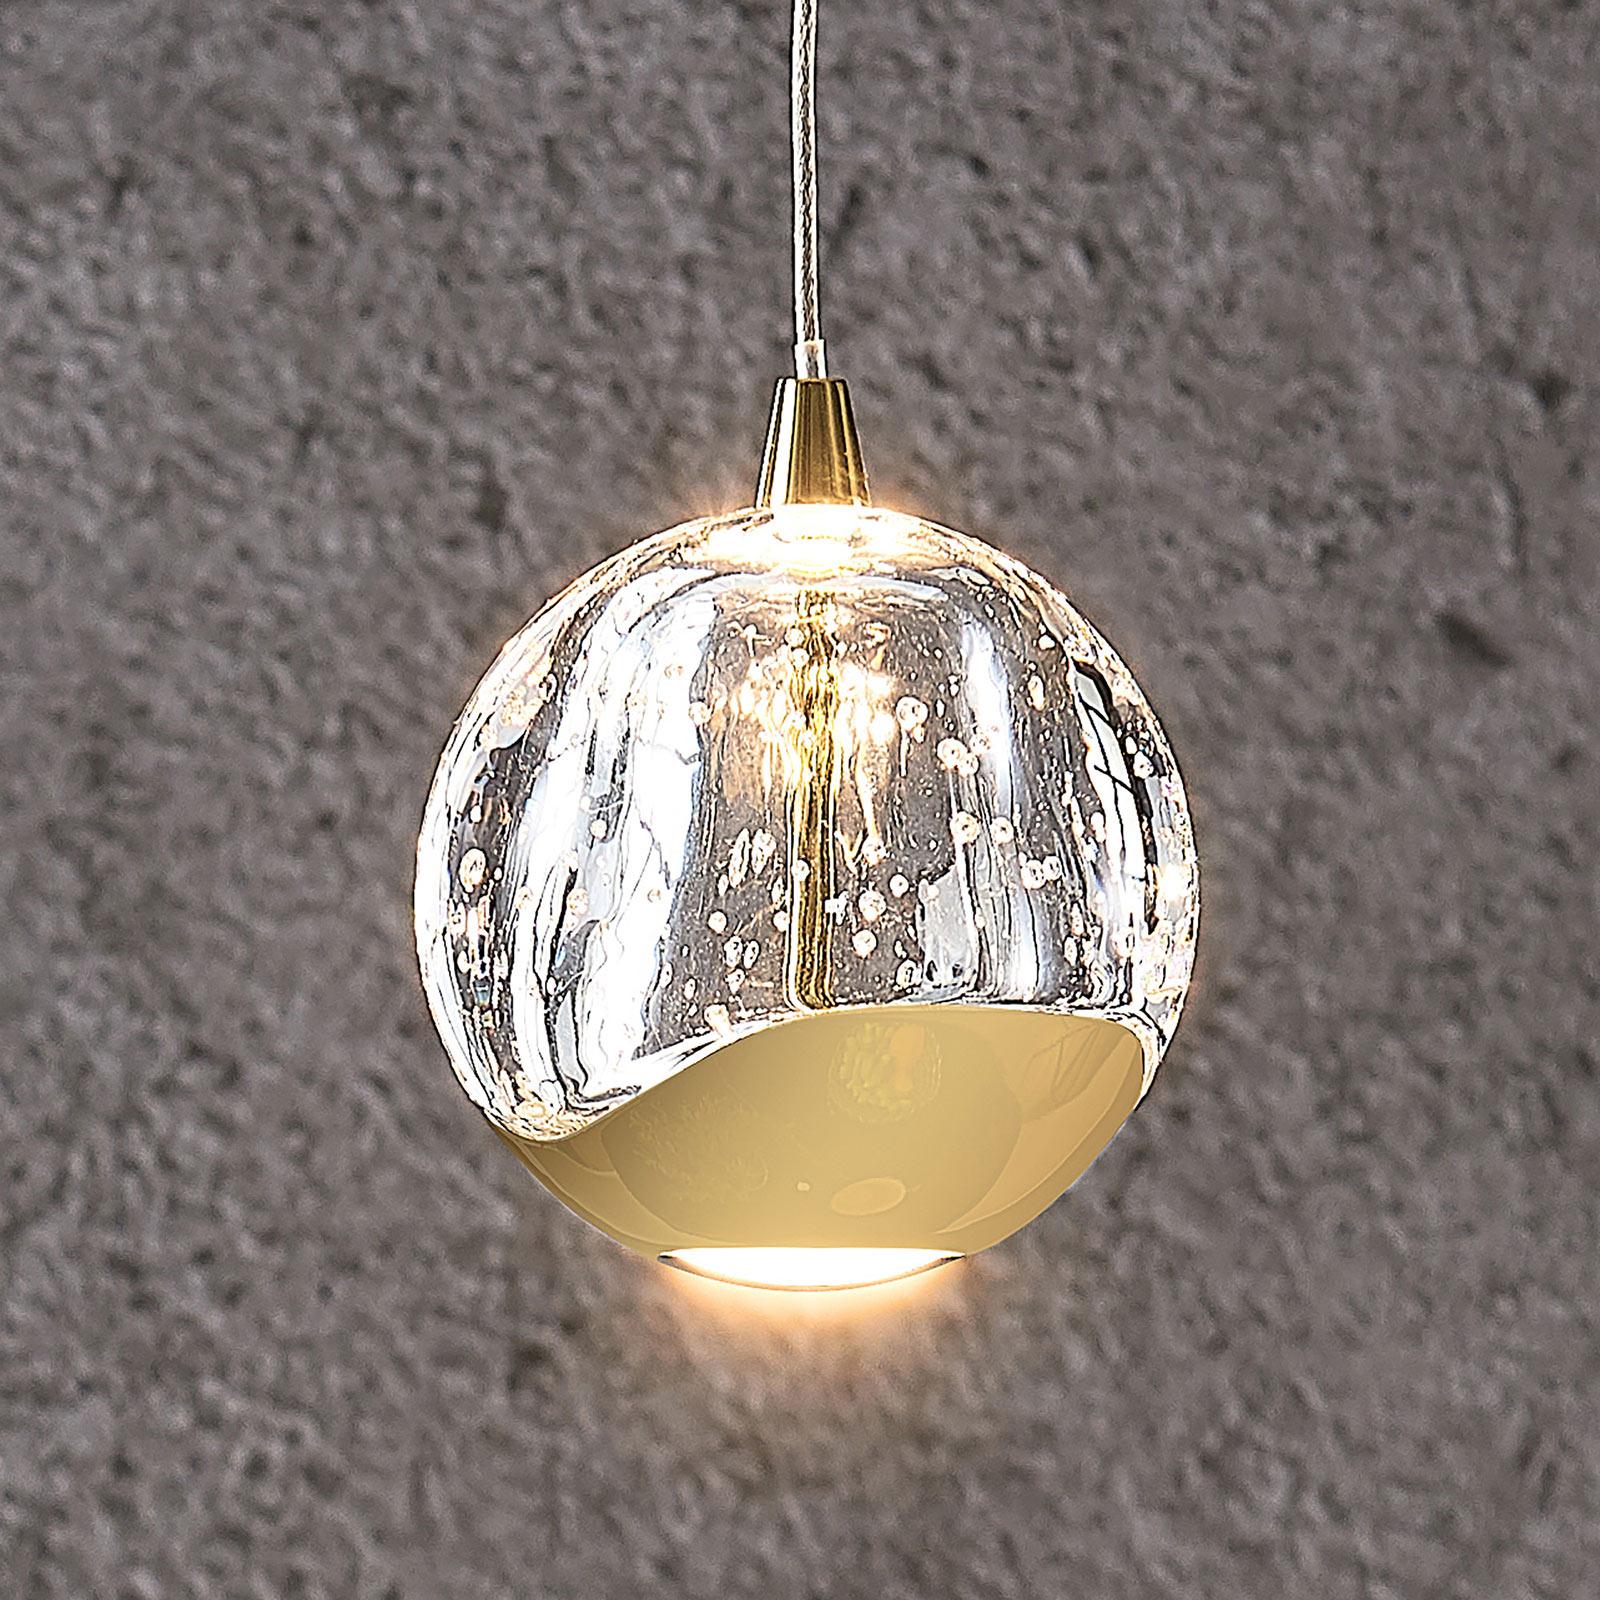 LED-Pendellampe Hayley mit Glaskugel, 1-fl., gold